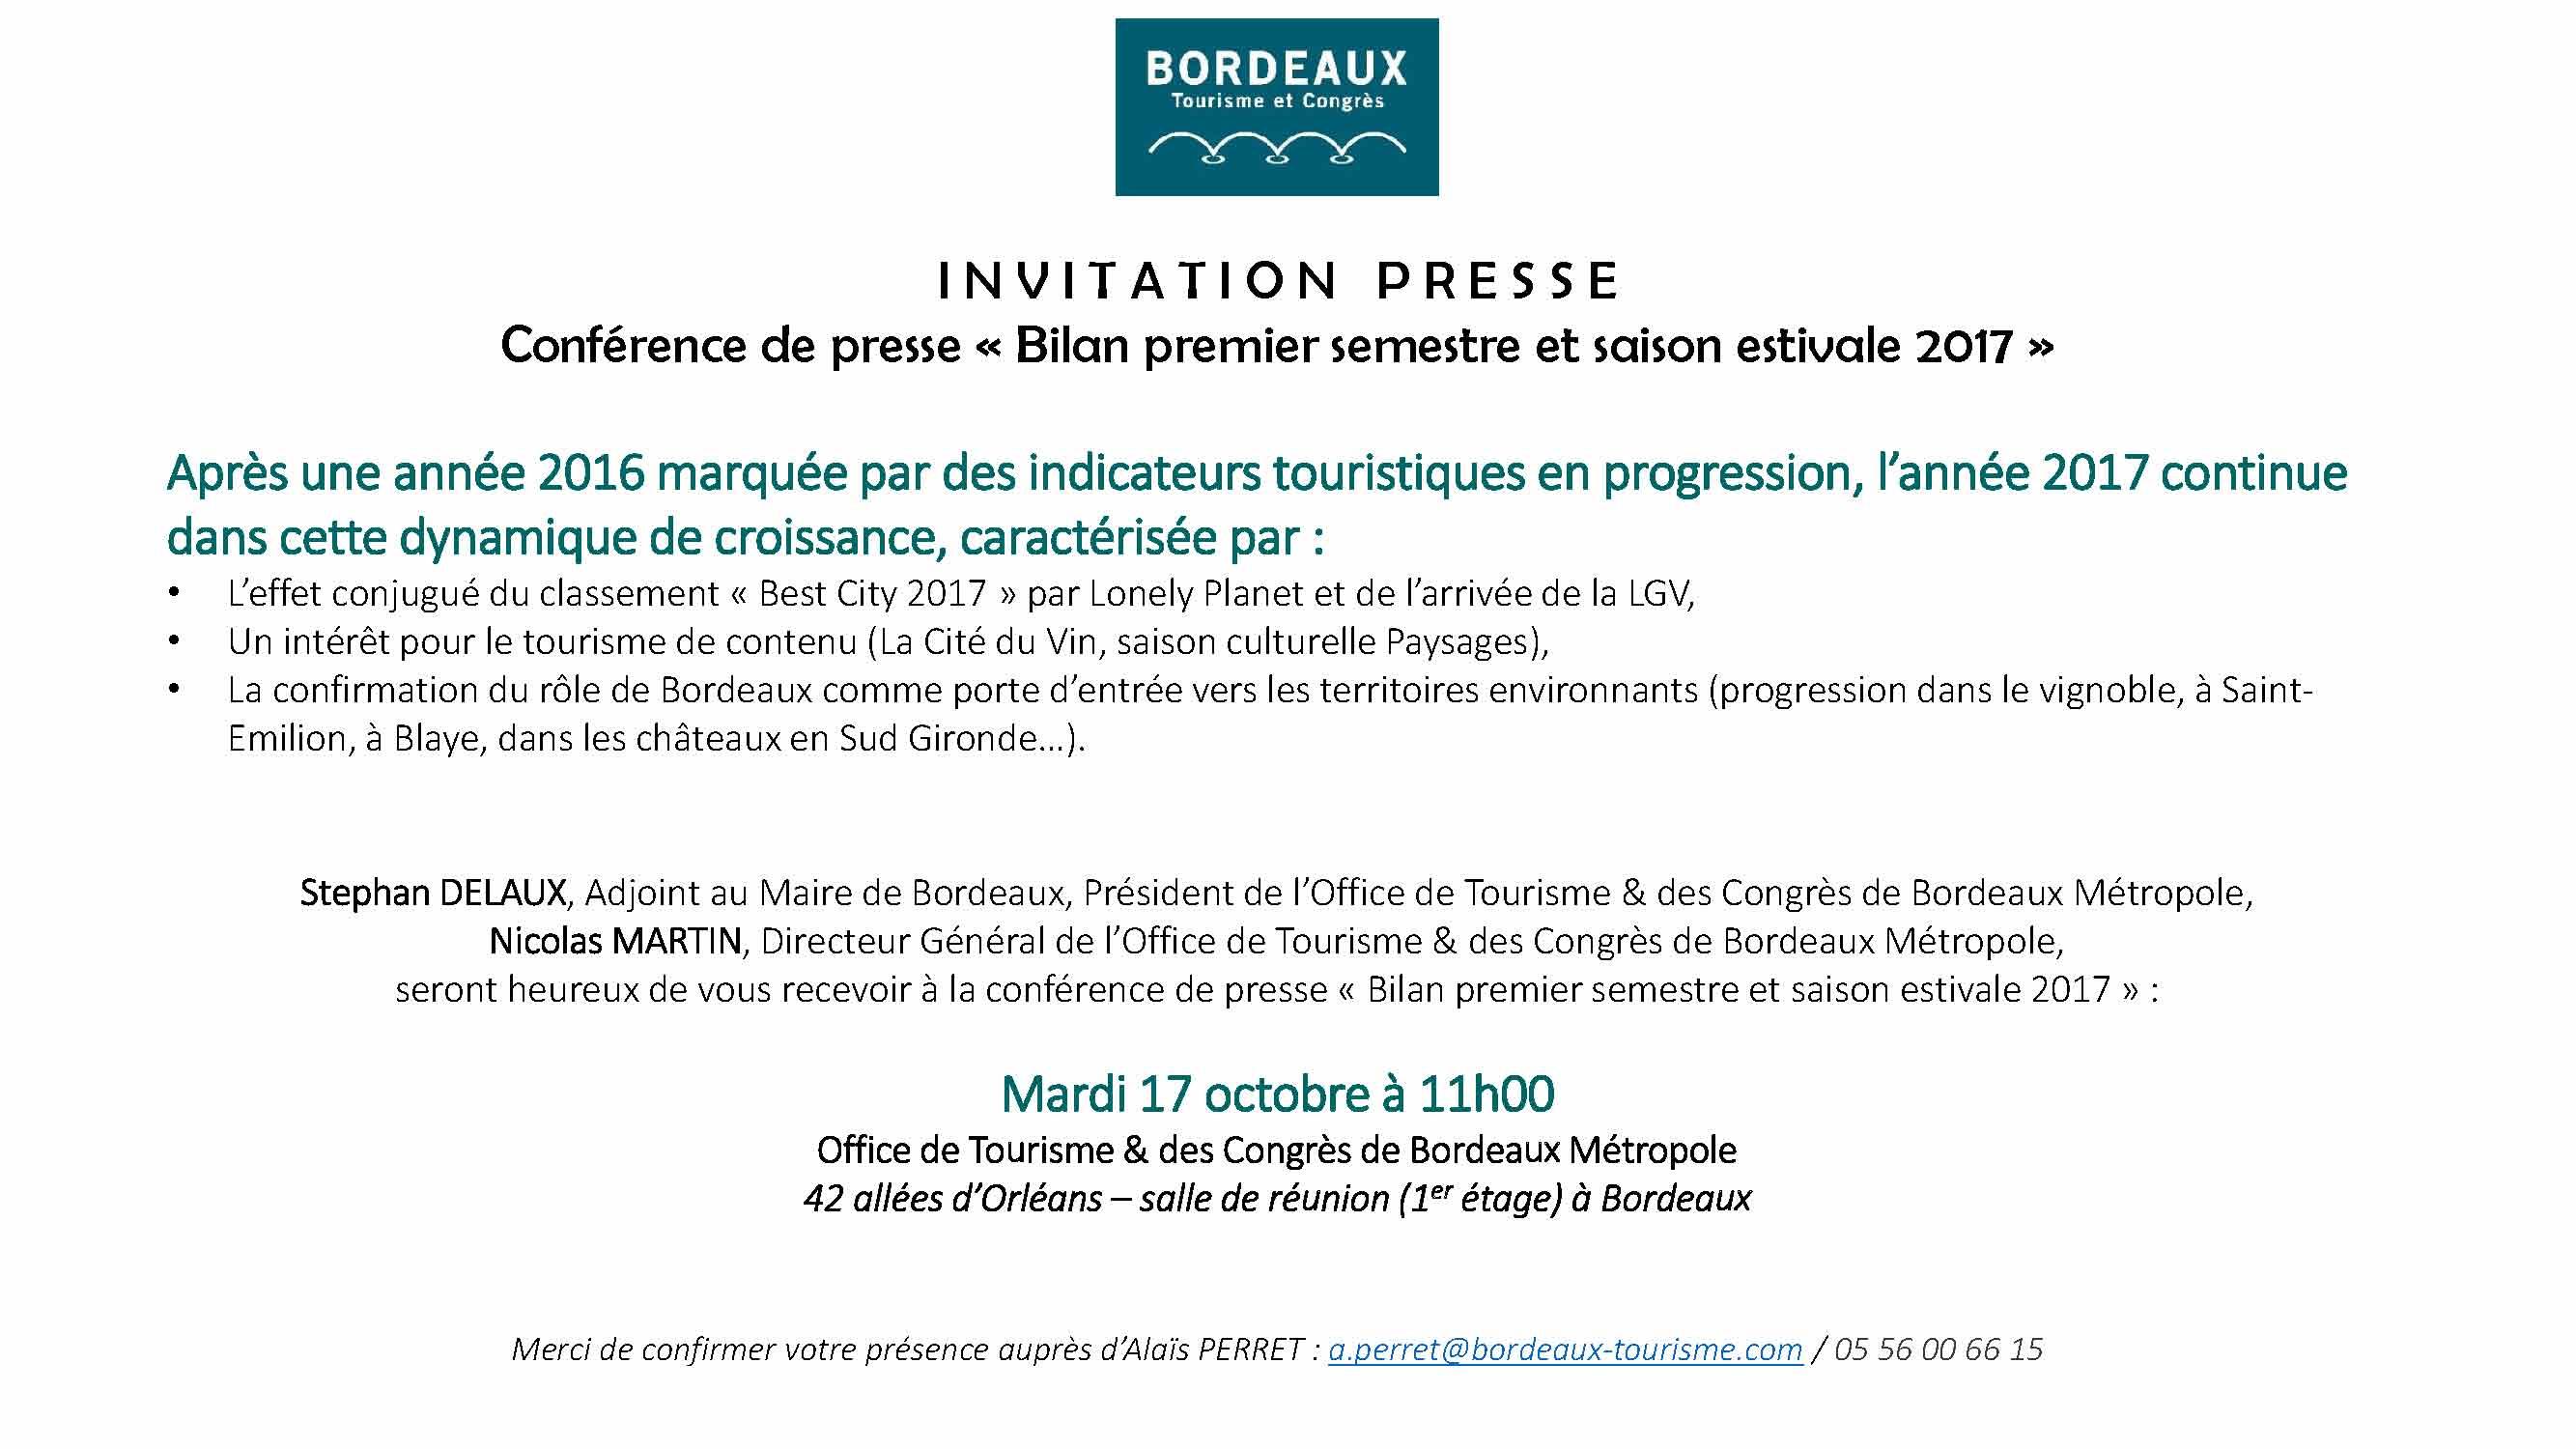 invitation_cp_17_10_2017